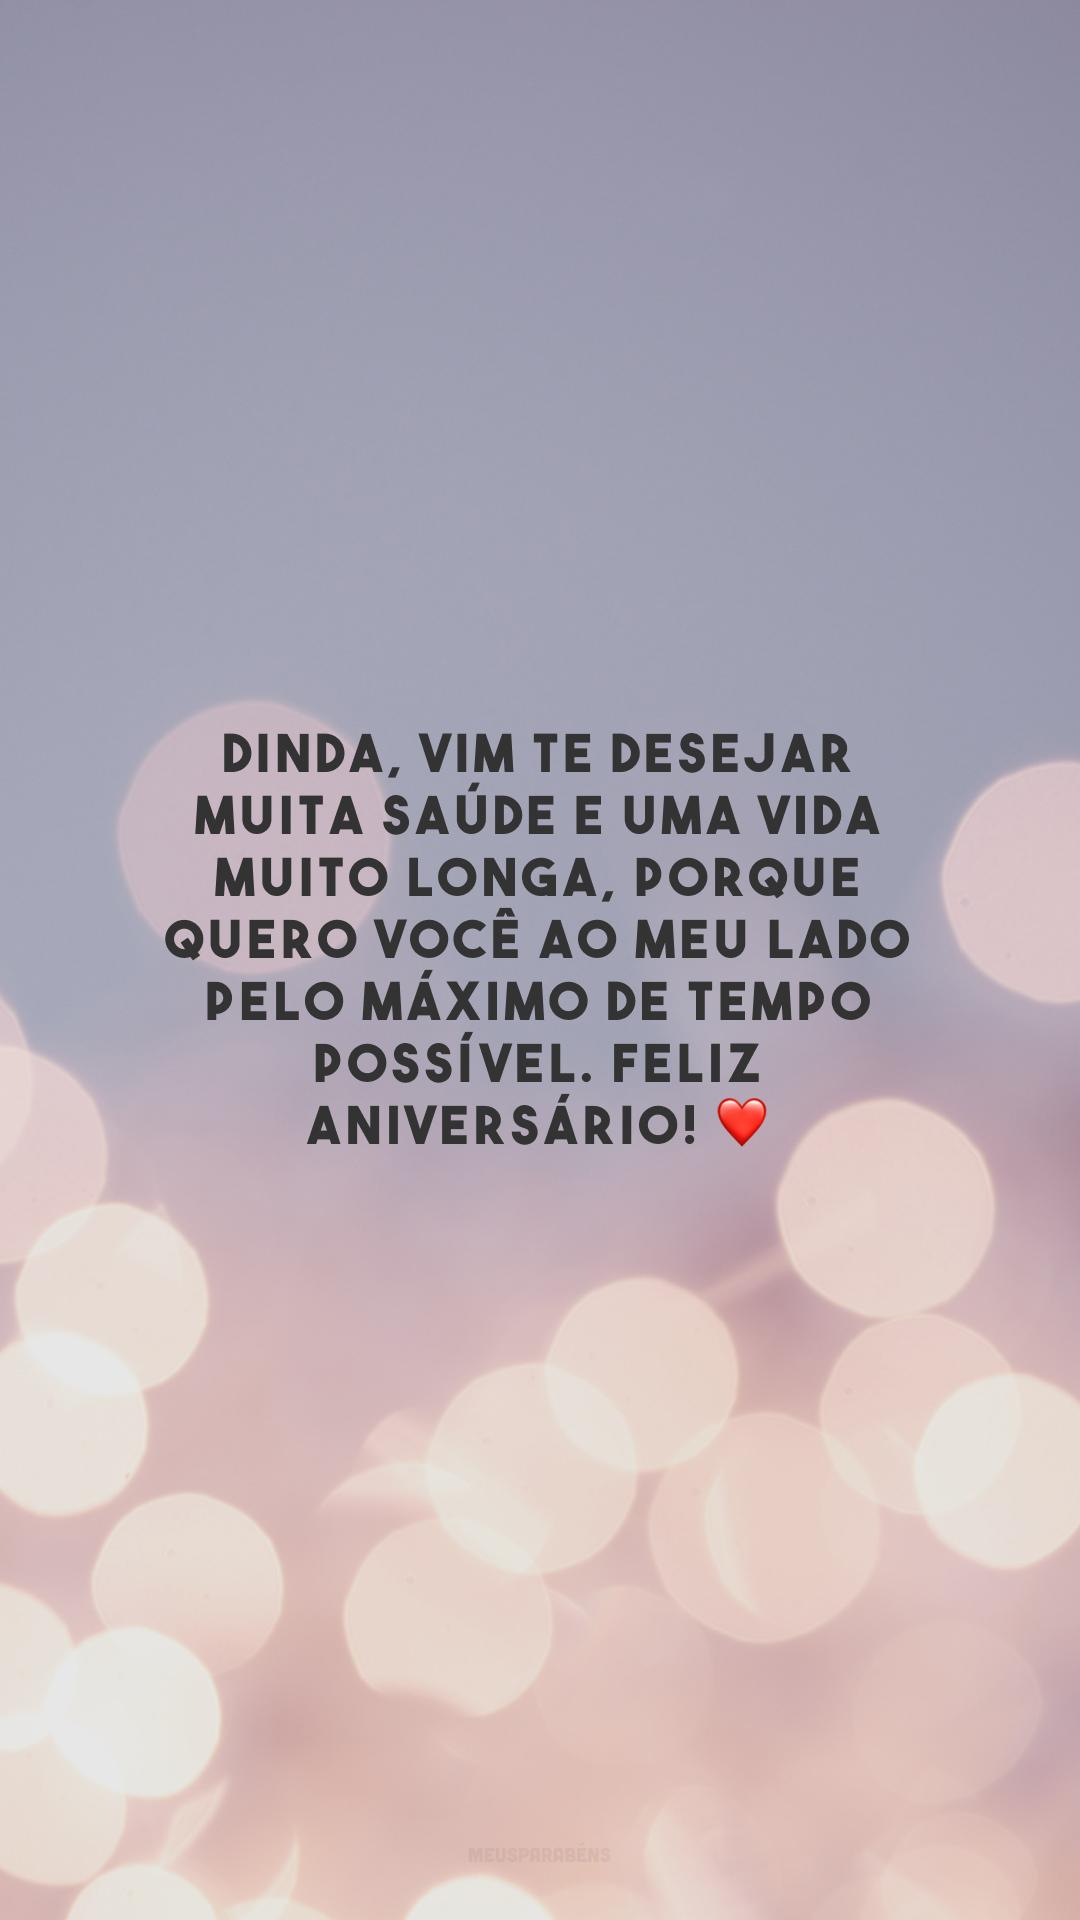 Dinda, vim te desejar muita saúde e uma vida muito longa, porque quero você ao meu lado pelo máximo de tempo possível. Feliz aniversário! ❤️